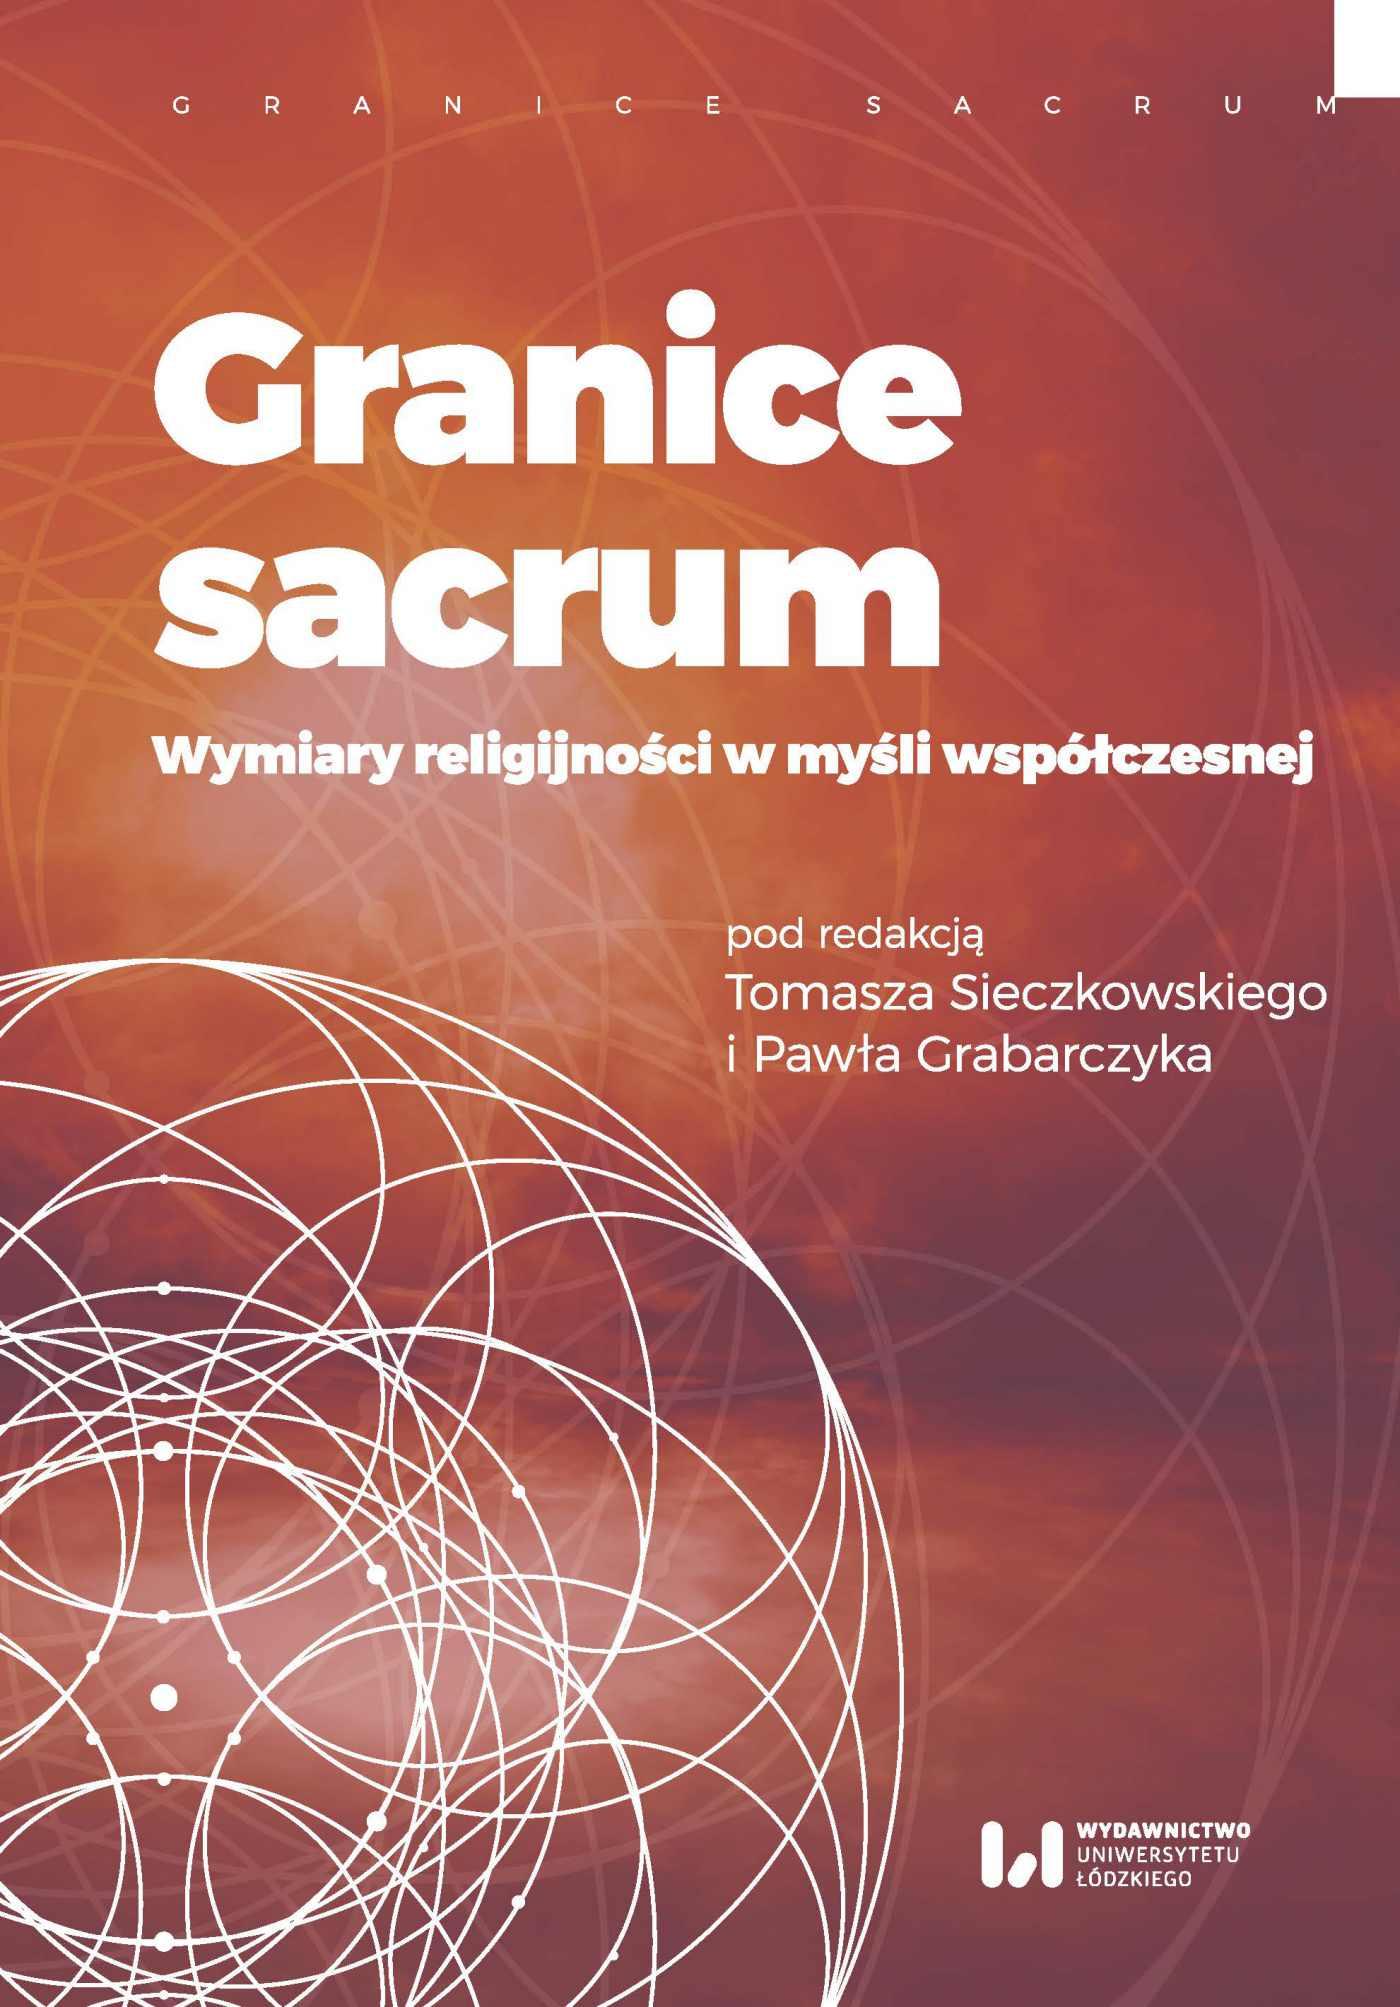 Granice sacrum. Wymiary religijności w myśli współczesnej - Ebook (Książka EPUB) do pobrania w formacie EPUB